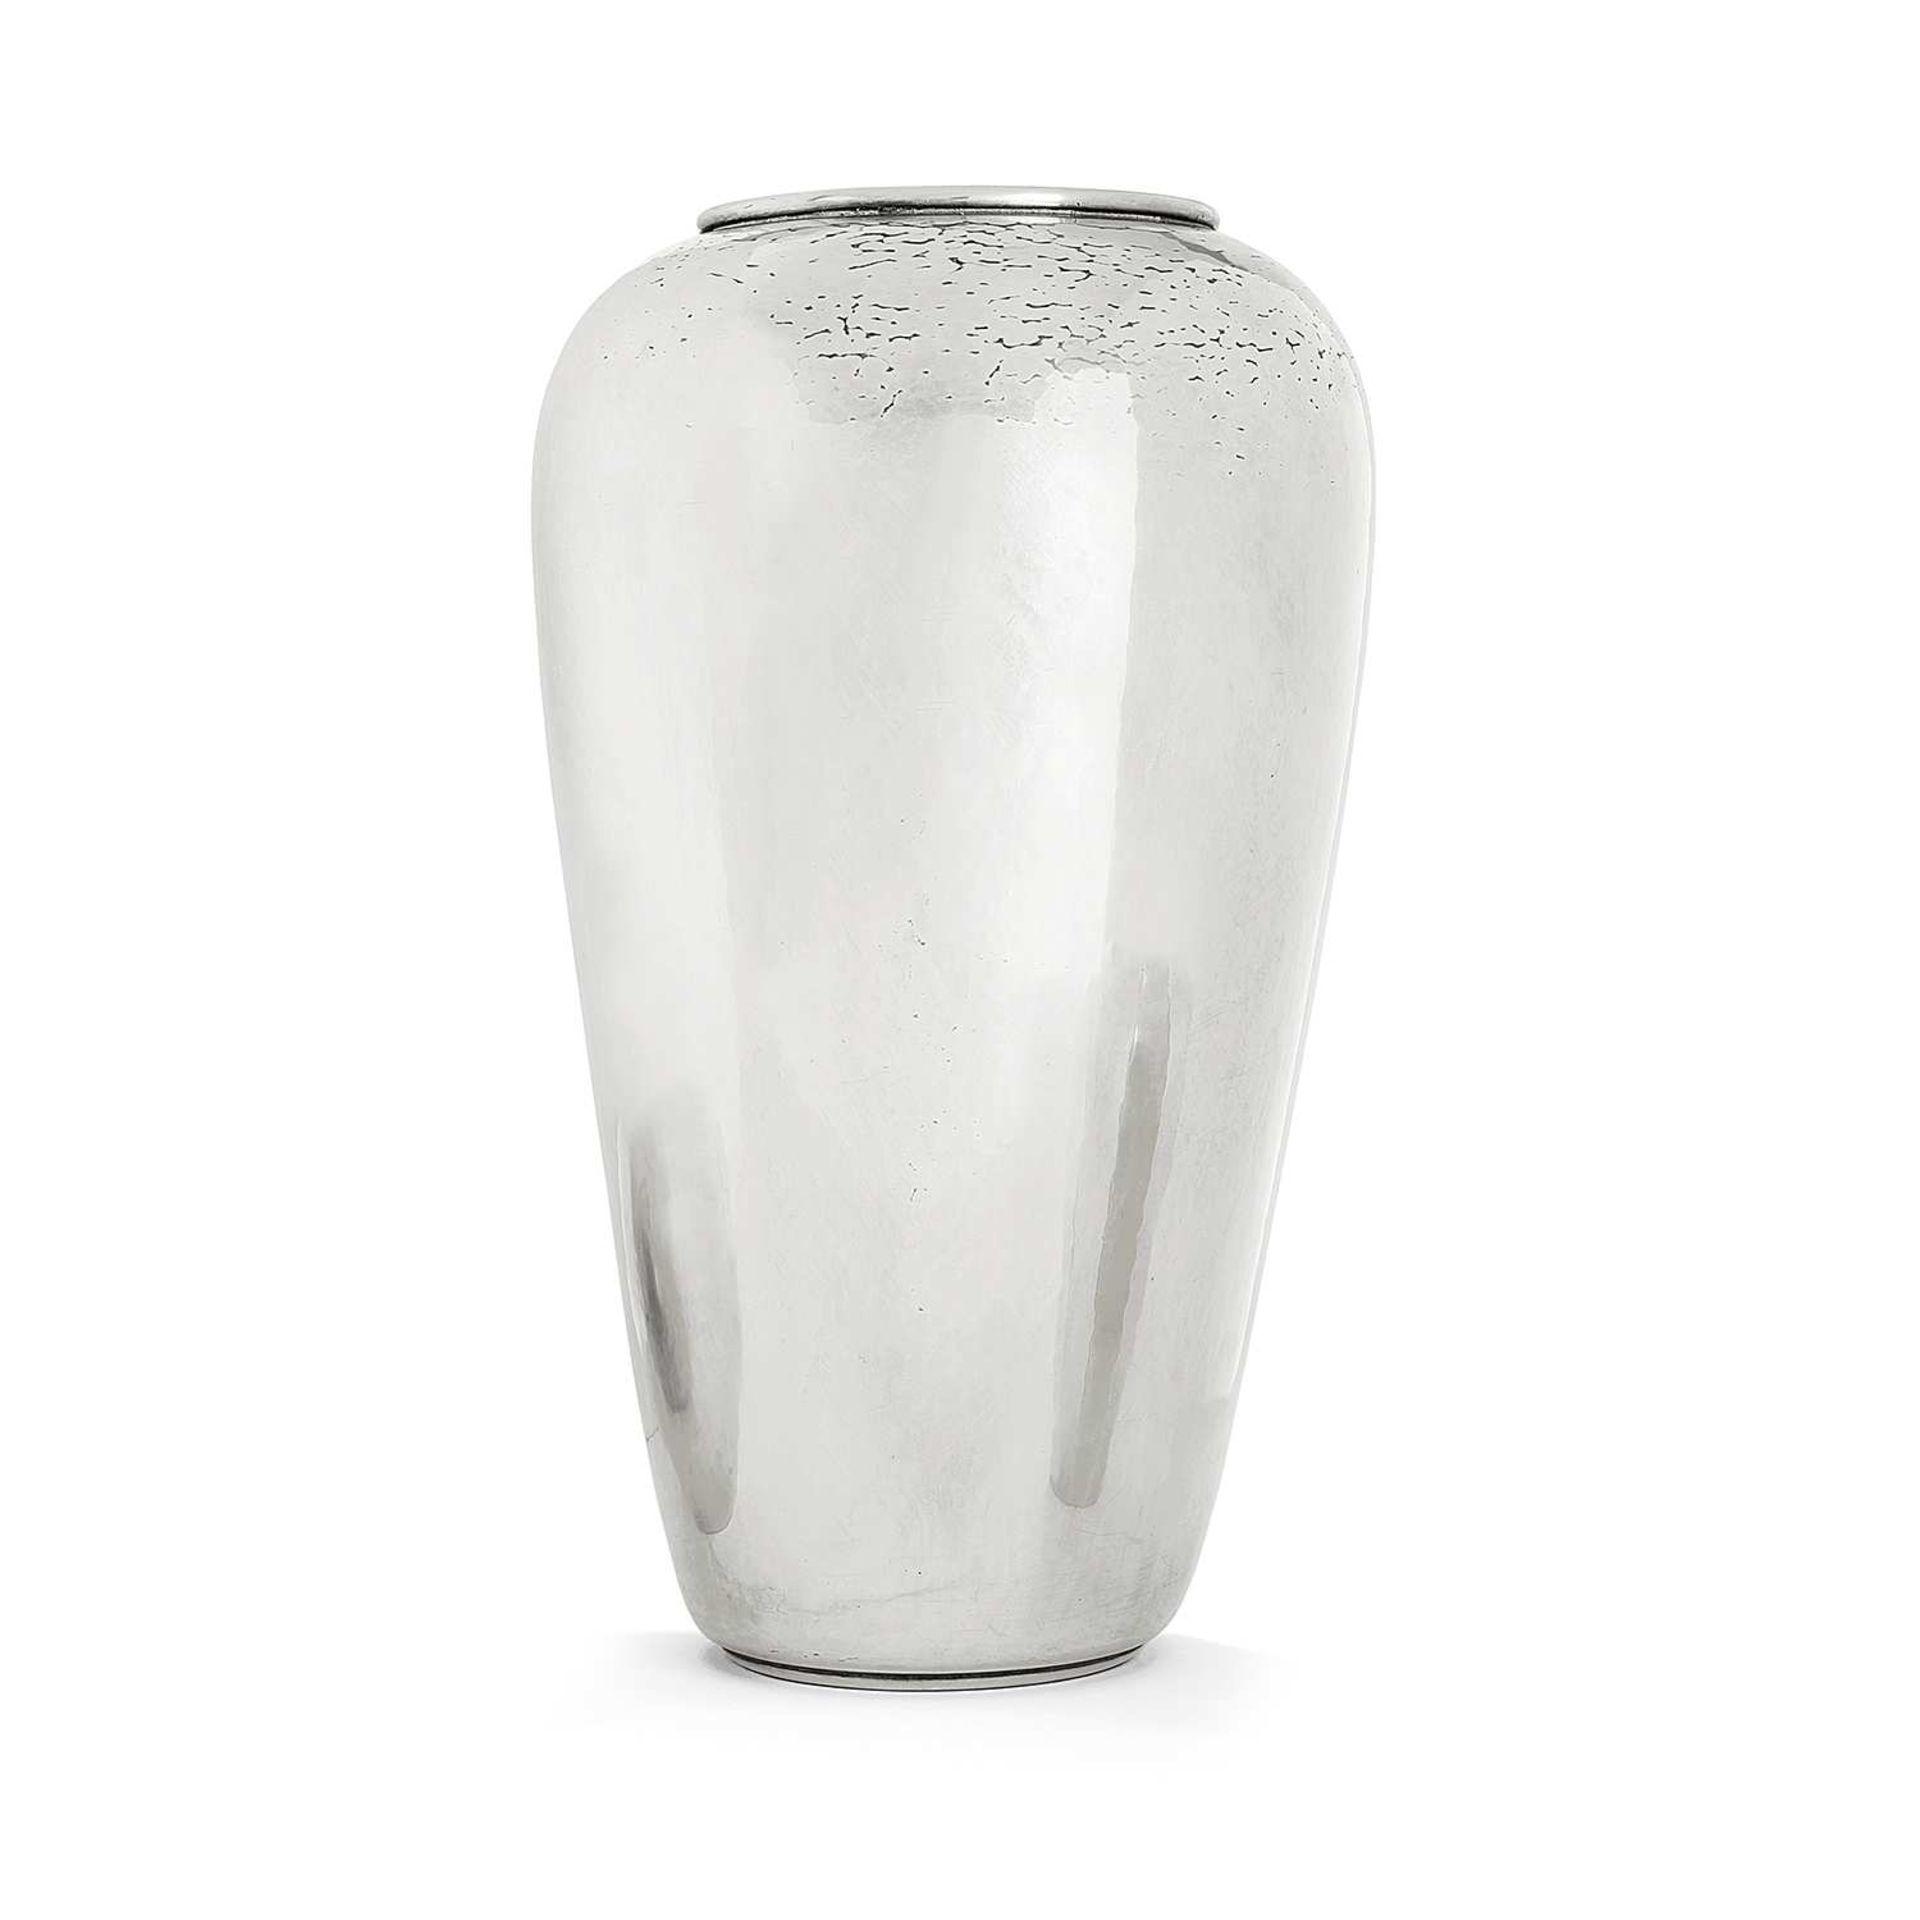 Los 42 - CHRISTOFLE (ORFÈVRE) Vase ovoïde en métal argenté, épaulement galbé, jonc ourlé soulignant l'